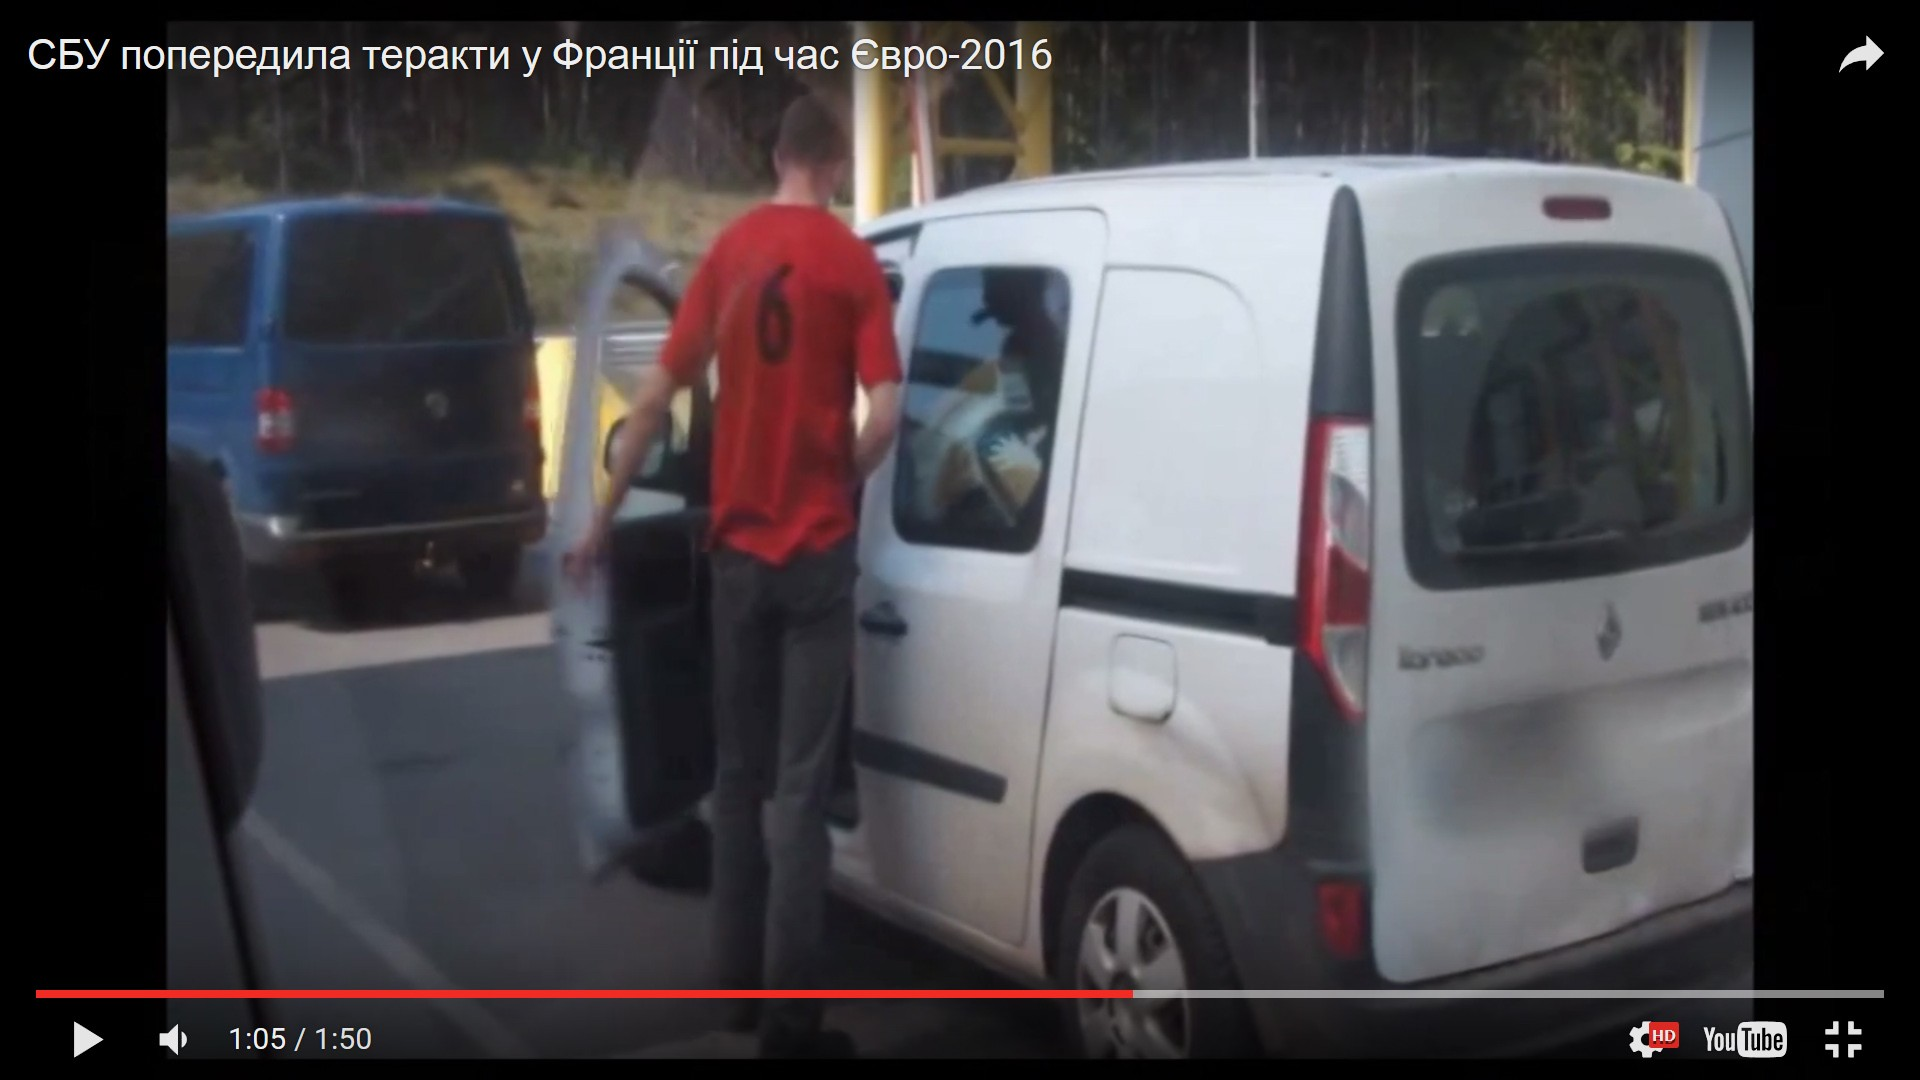 Franzose in der Ukraine festgenommen - Codierten Nachrichten auf der Spur Gr110